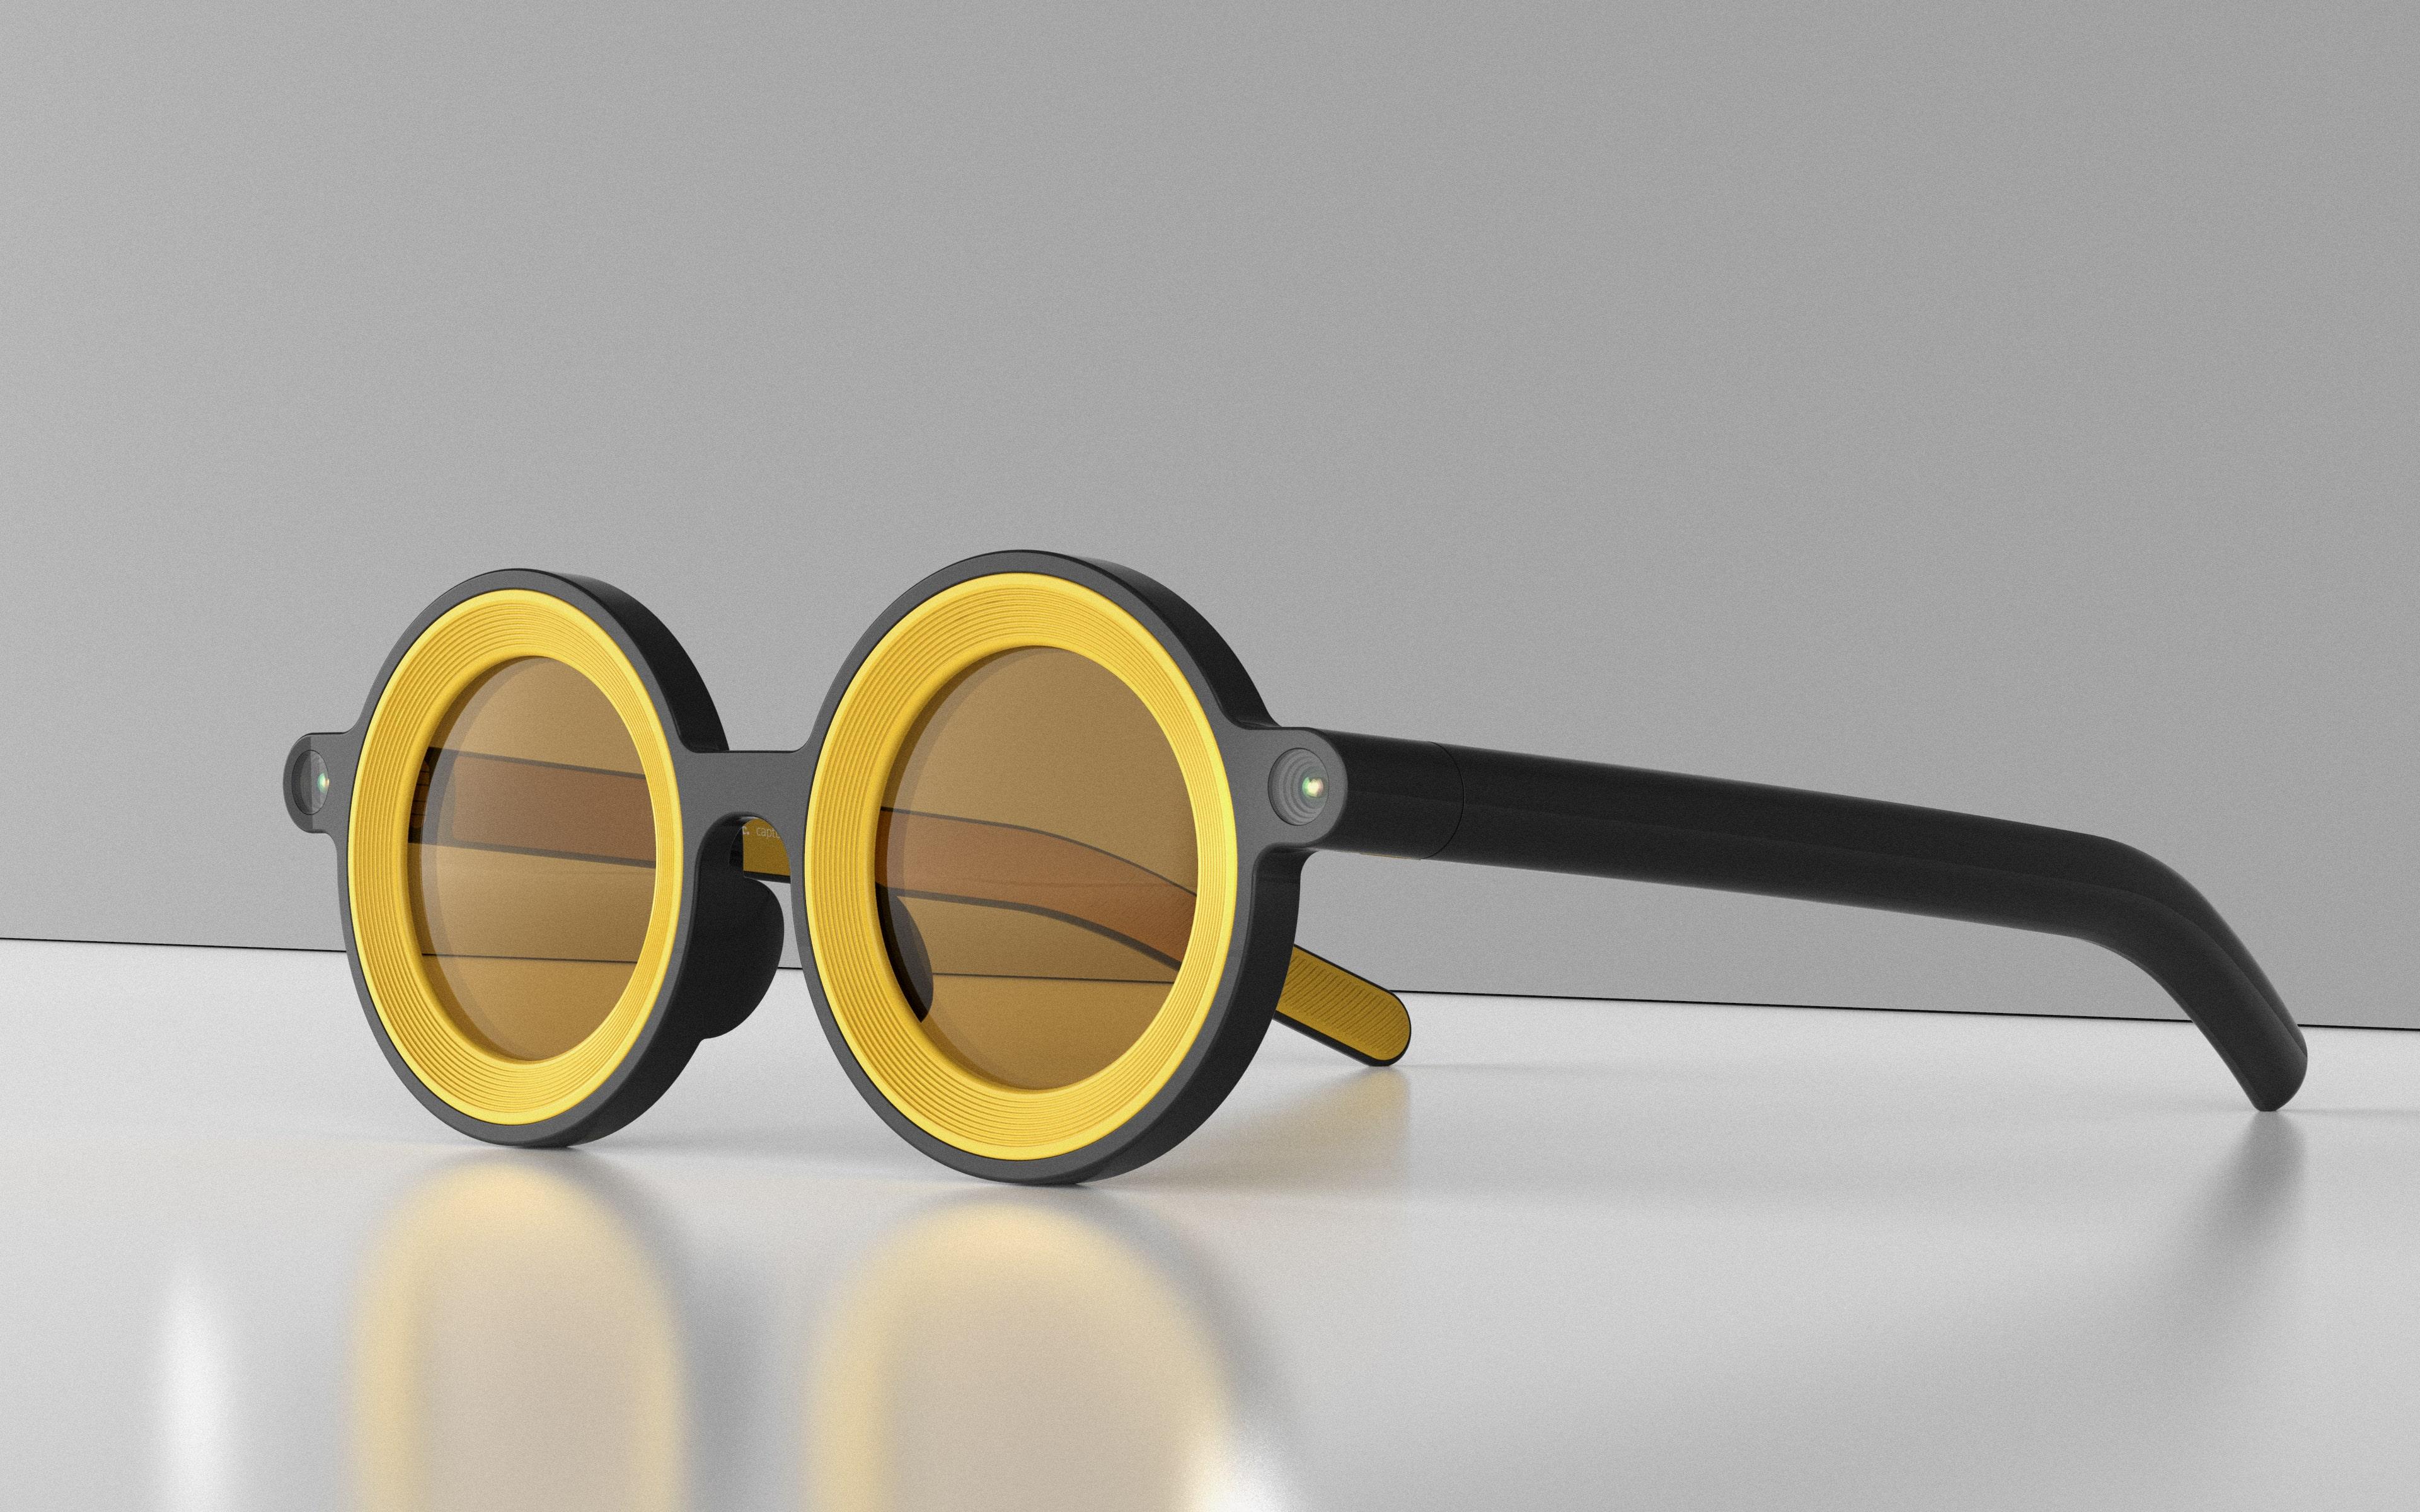 Snapchat-Glasses-27-min